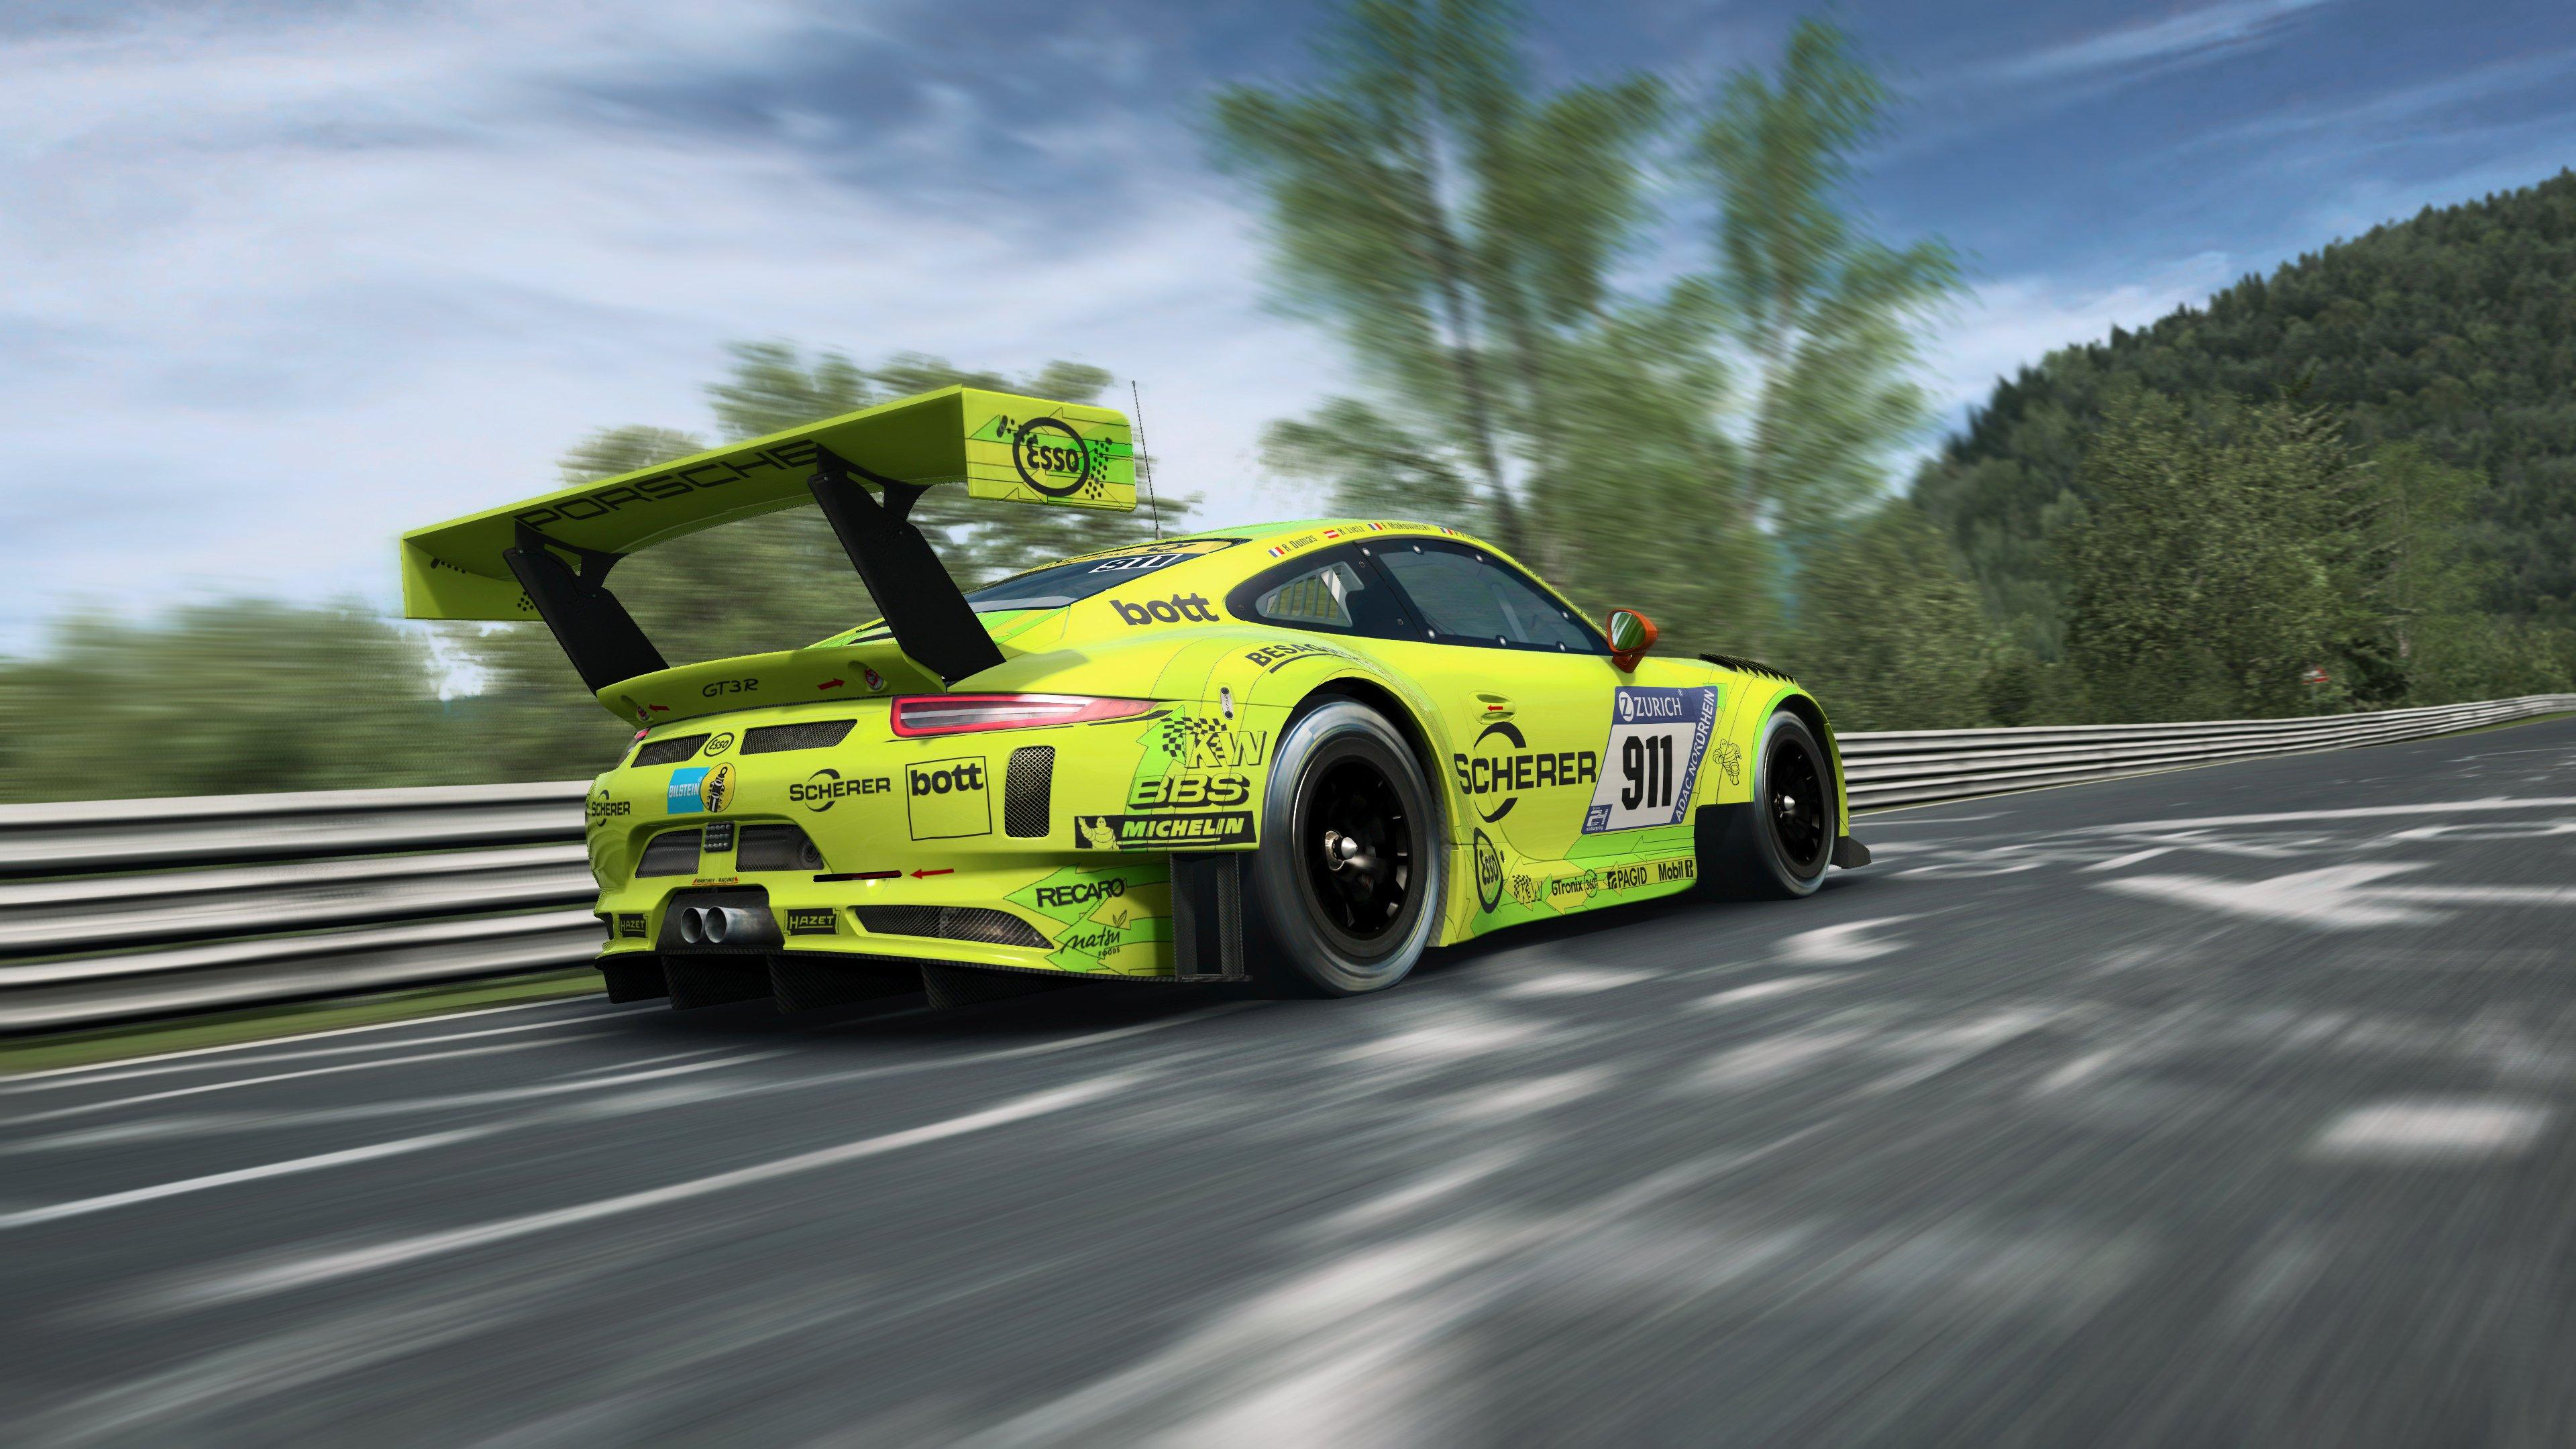 RaceRoom Porsche 911 GT3 R 42